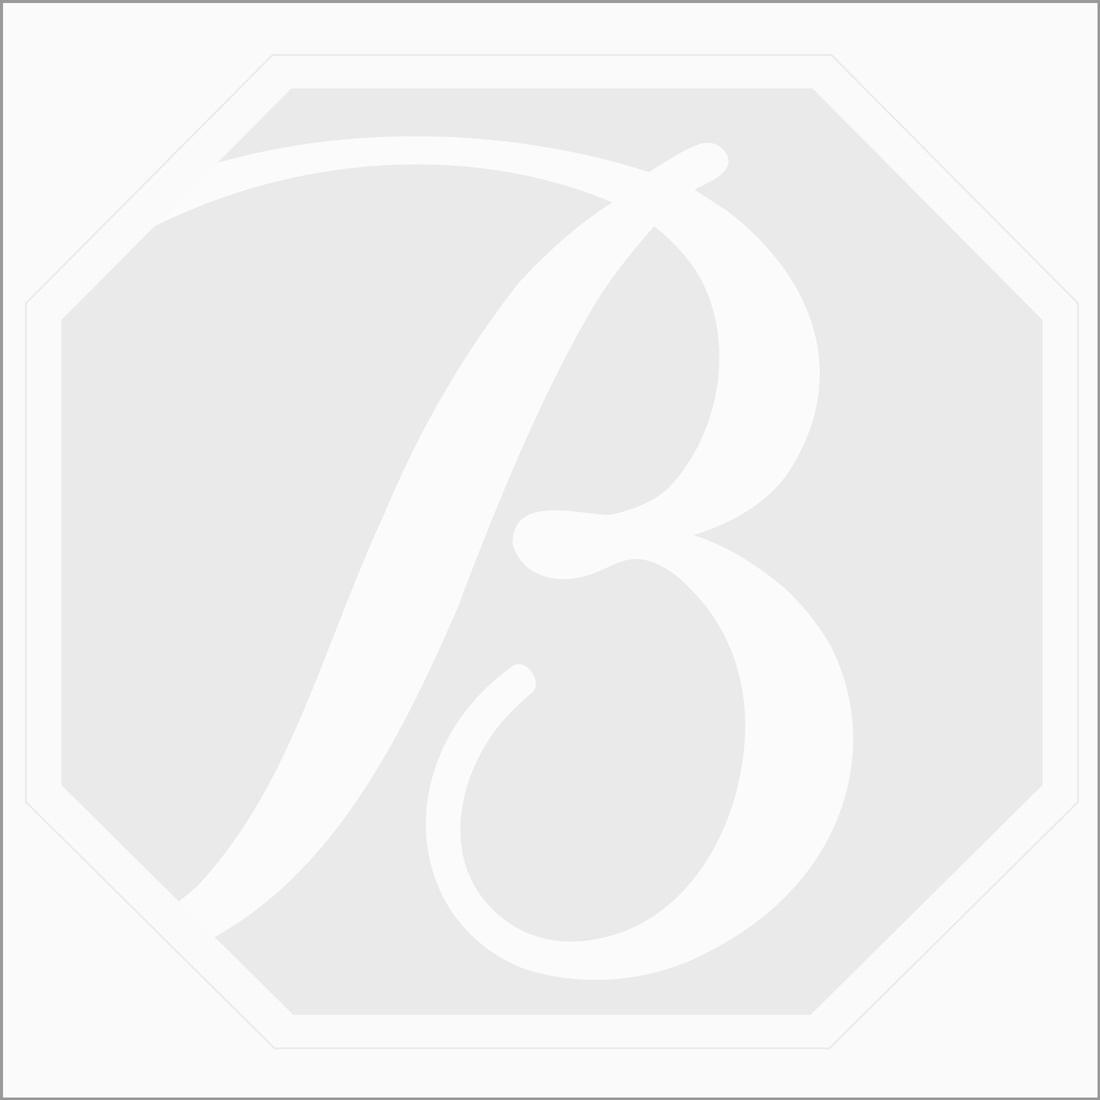 8 Pcs - Yellow Citrine Rose Cut - 157.75 ct. - 24 x 19 x 5 mm to 30 x 18 x 5 mm (CITRC1012)